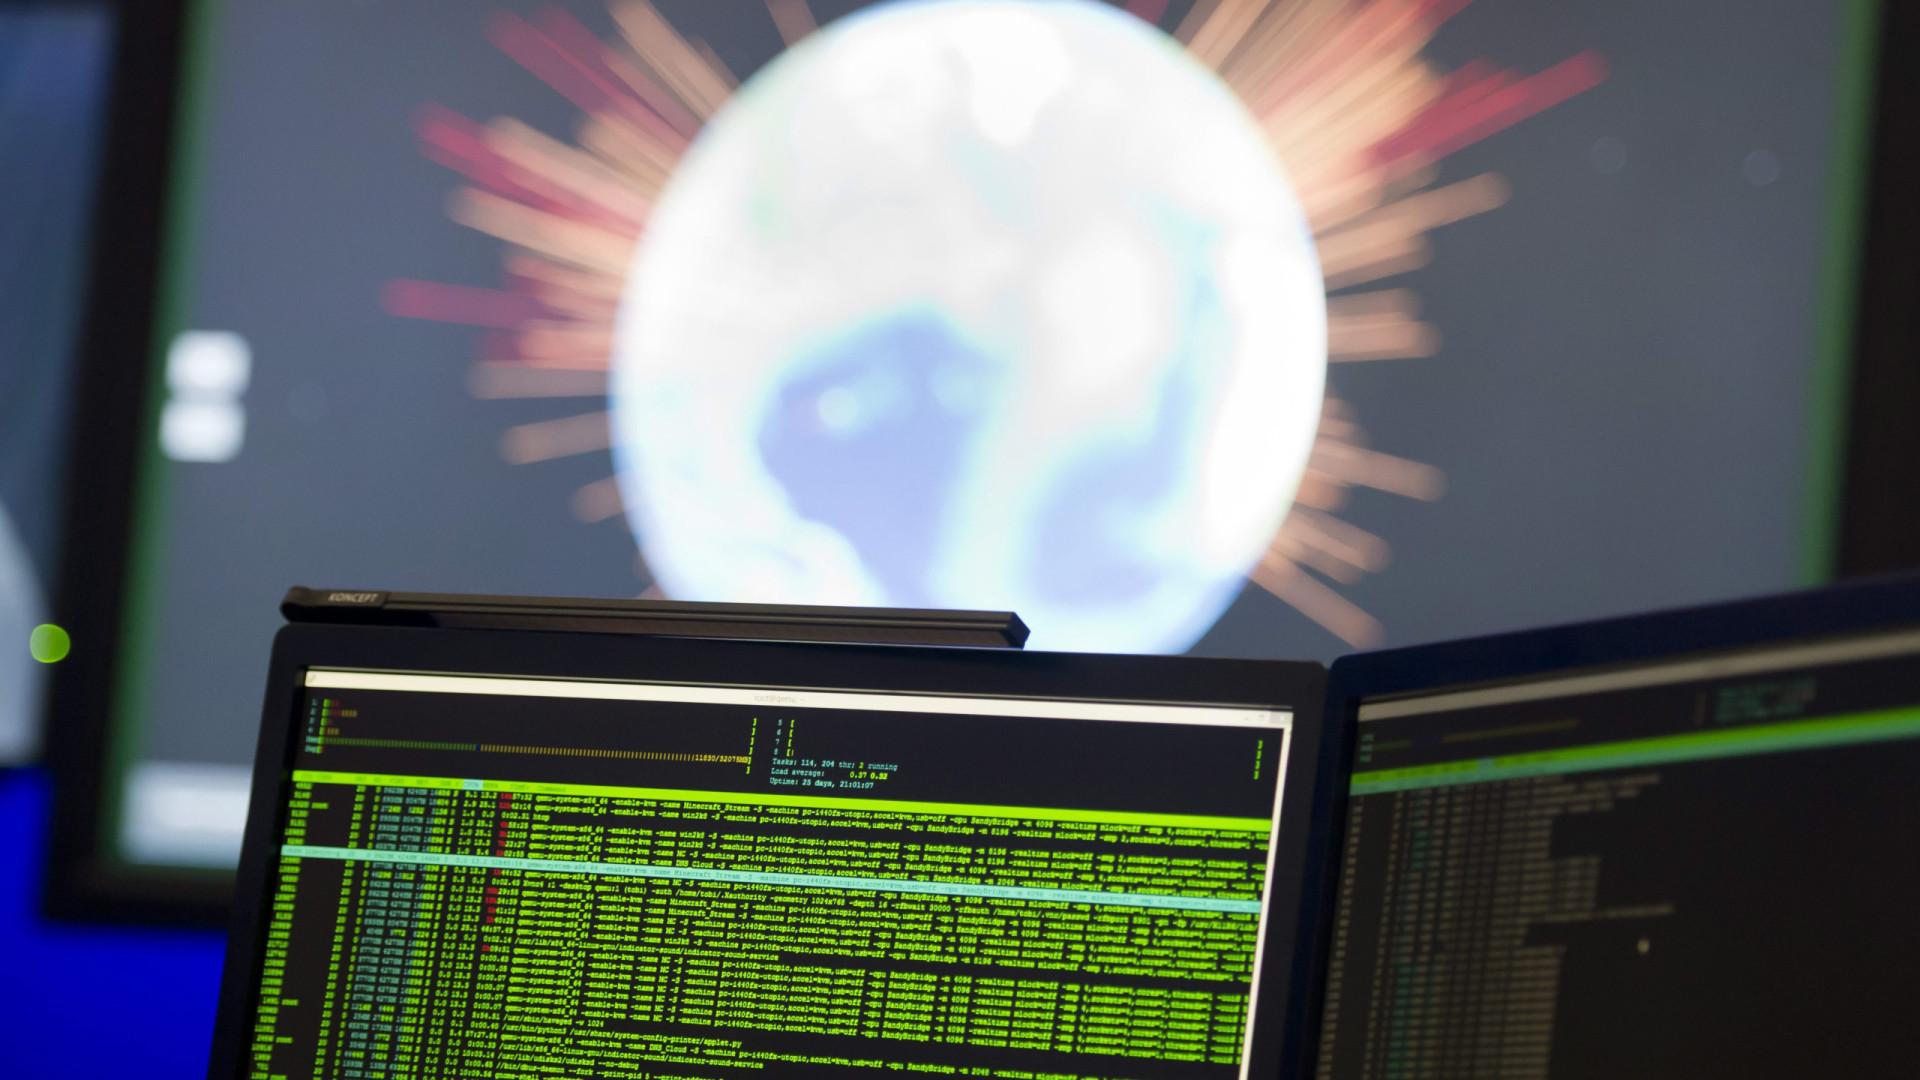 Este algoritmo permite nova abordagem da visão no campo computacional